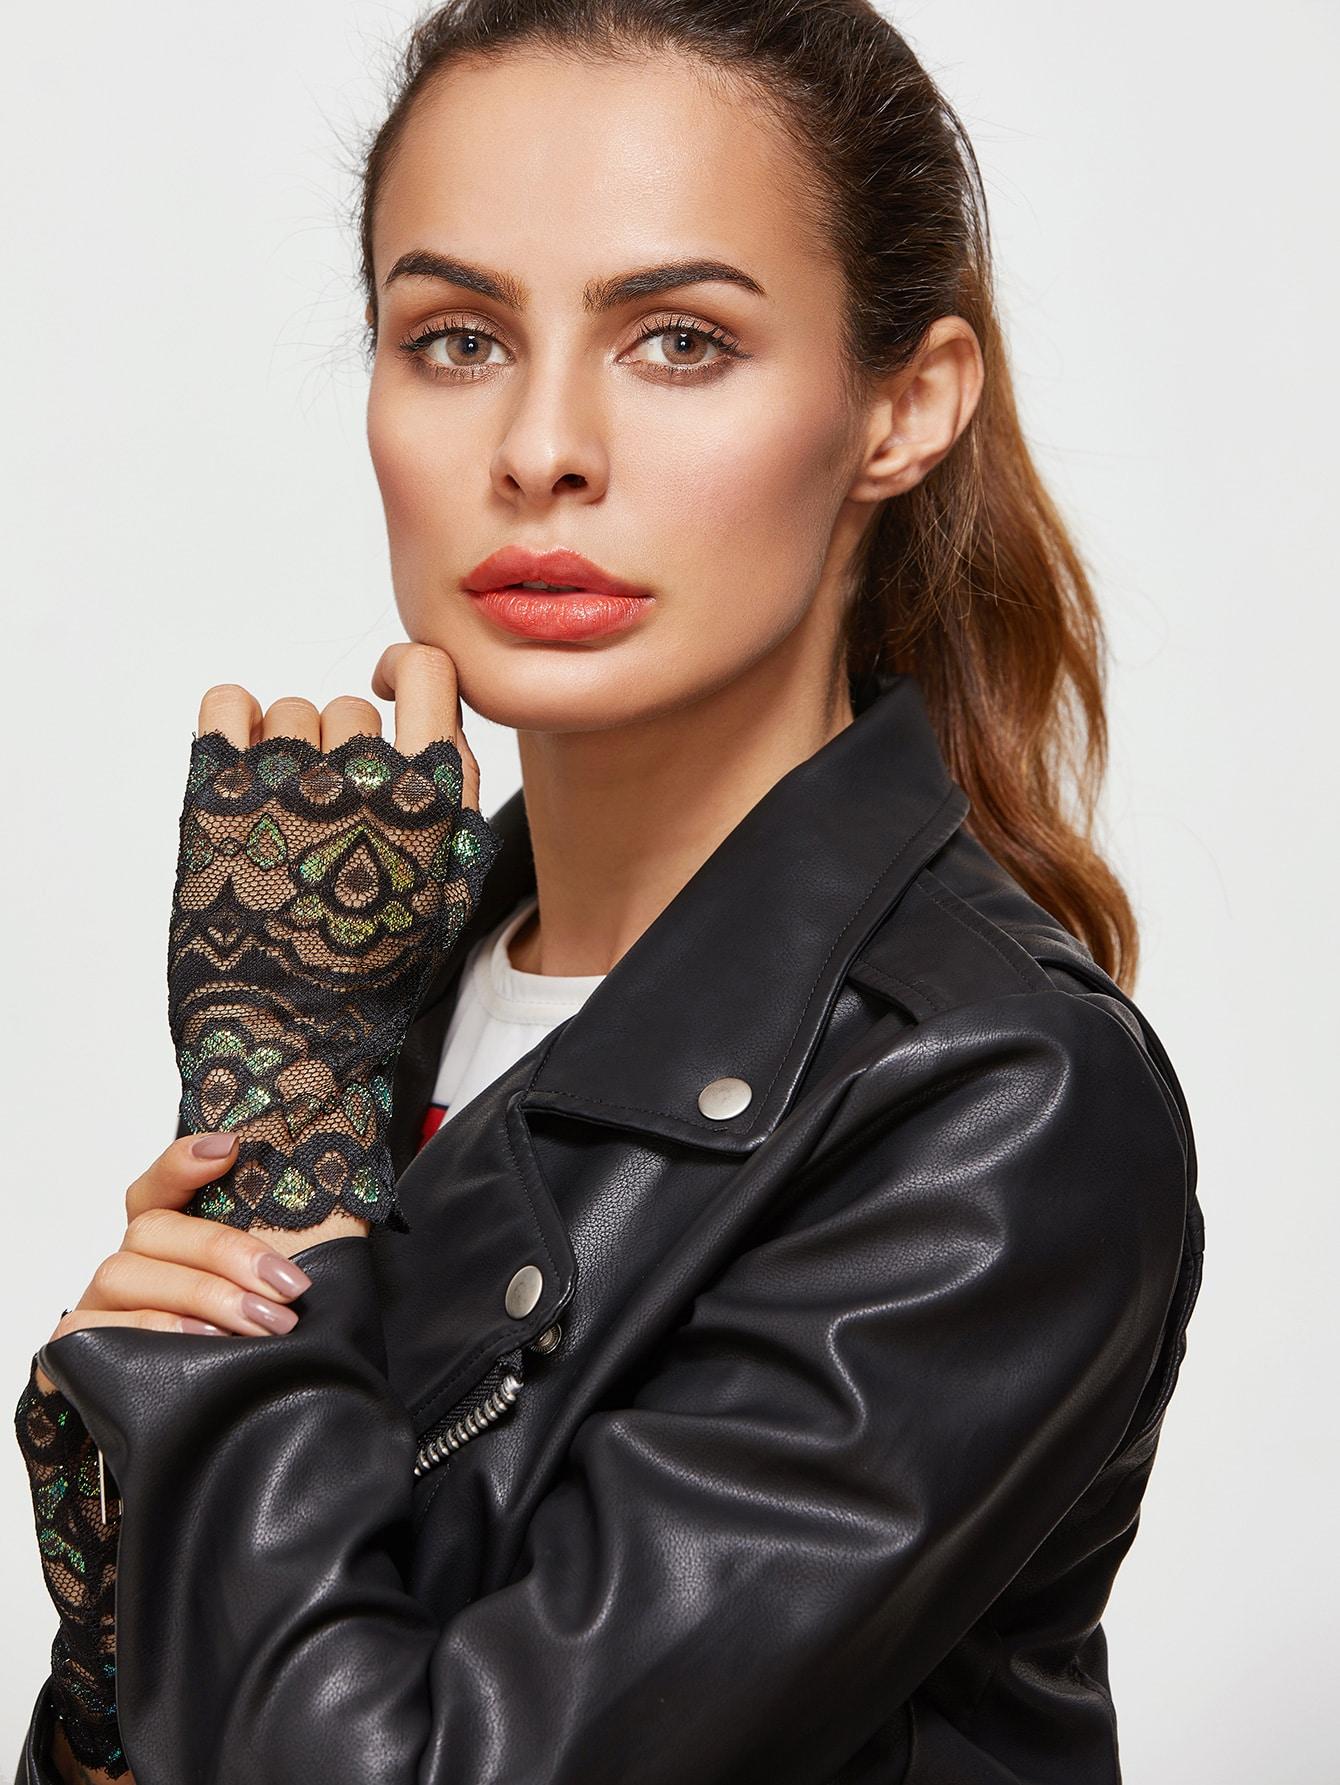 Black Half-finger Floral Lace Gloves